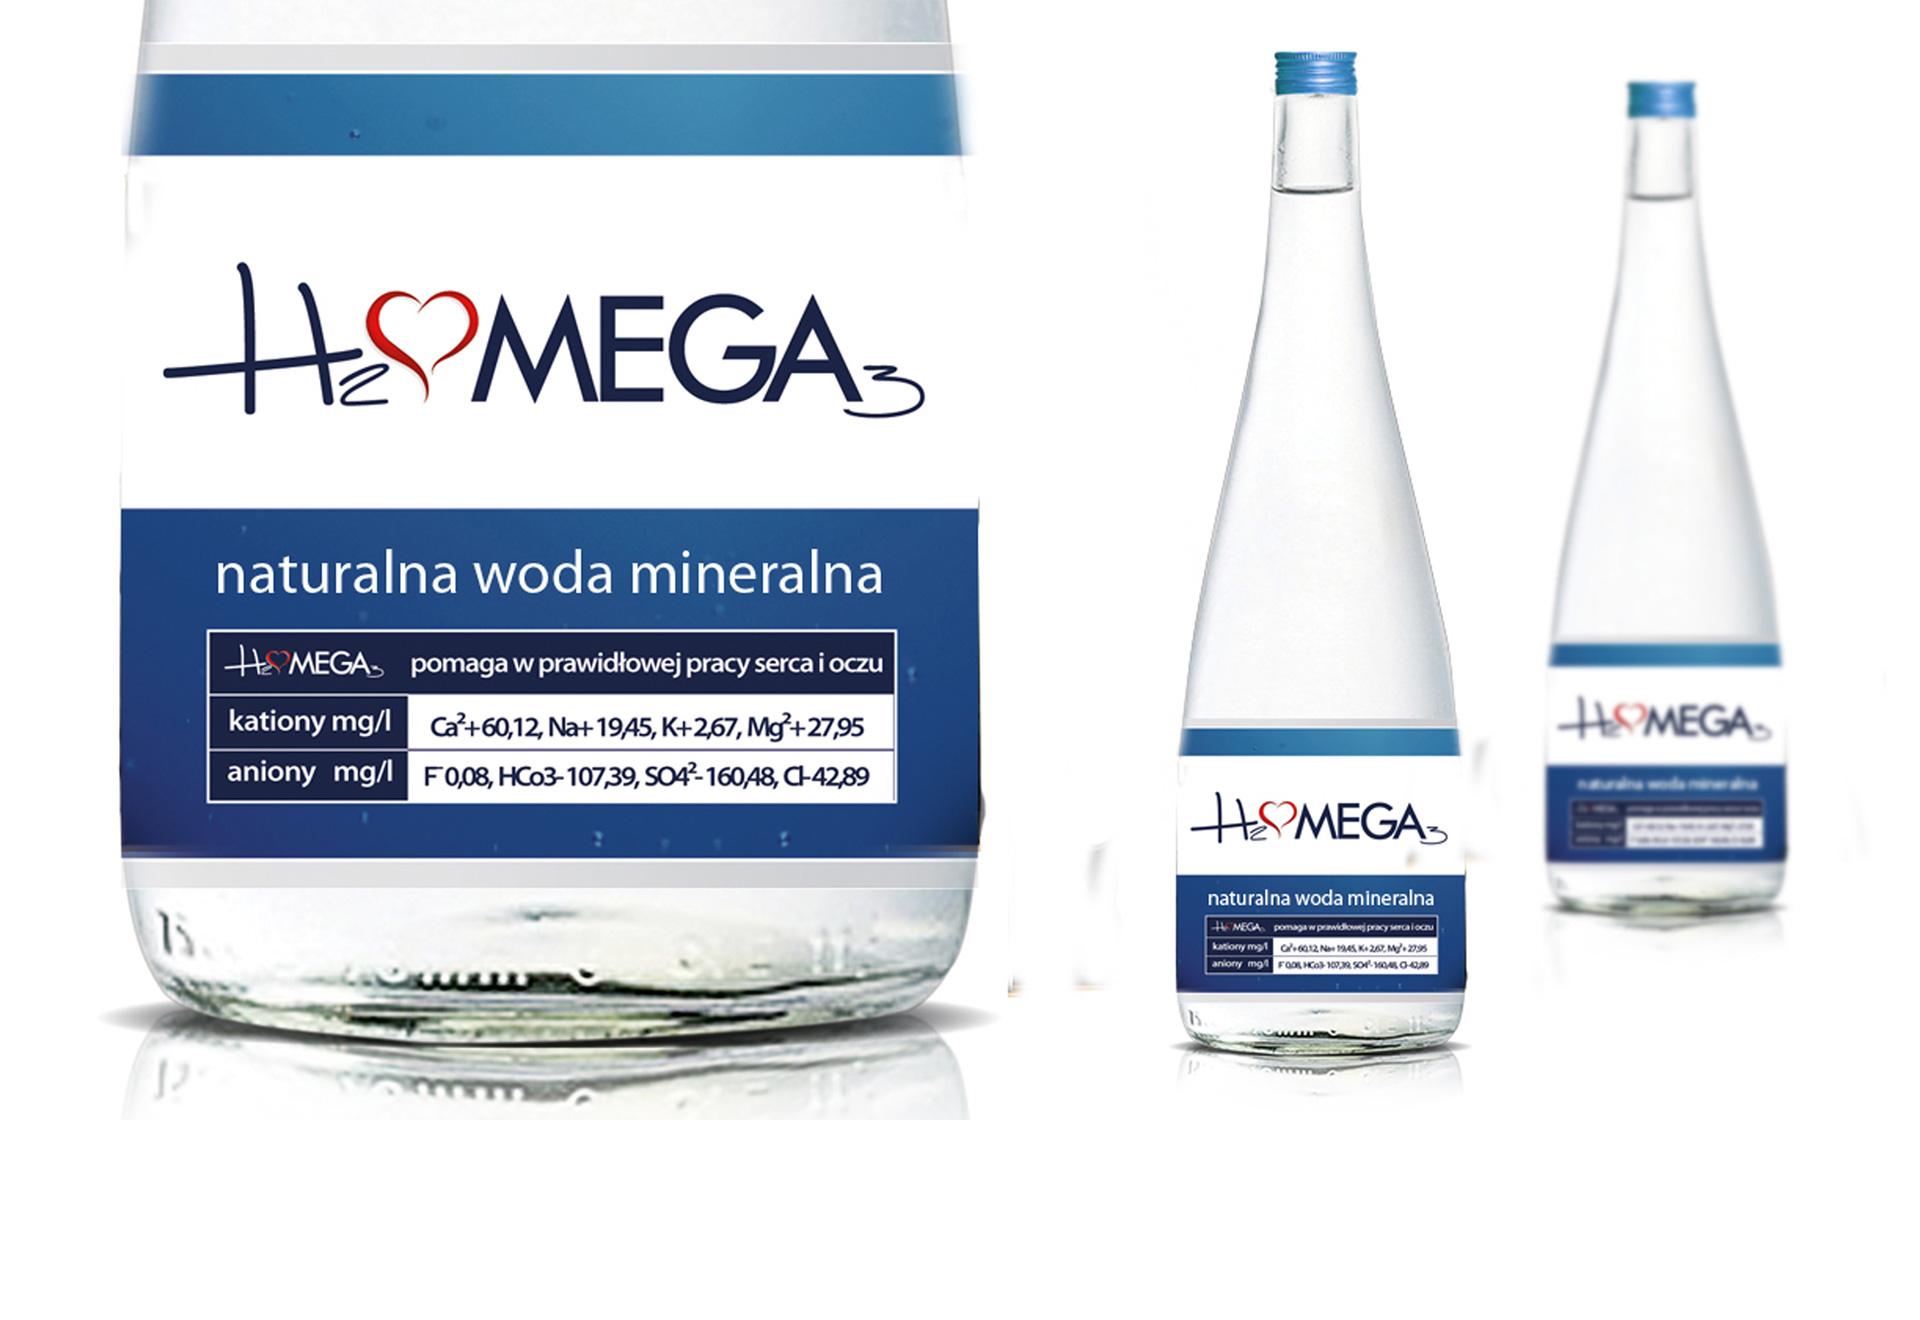 Naturalna woda mineralna Omega 3